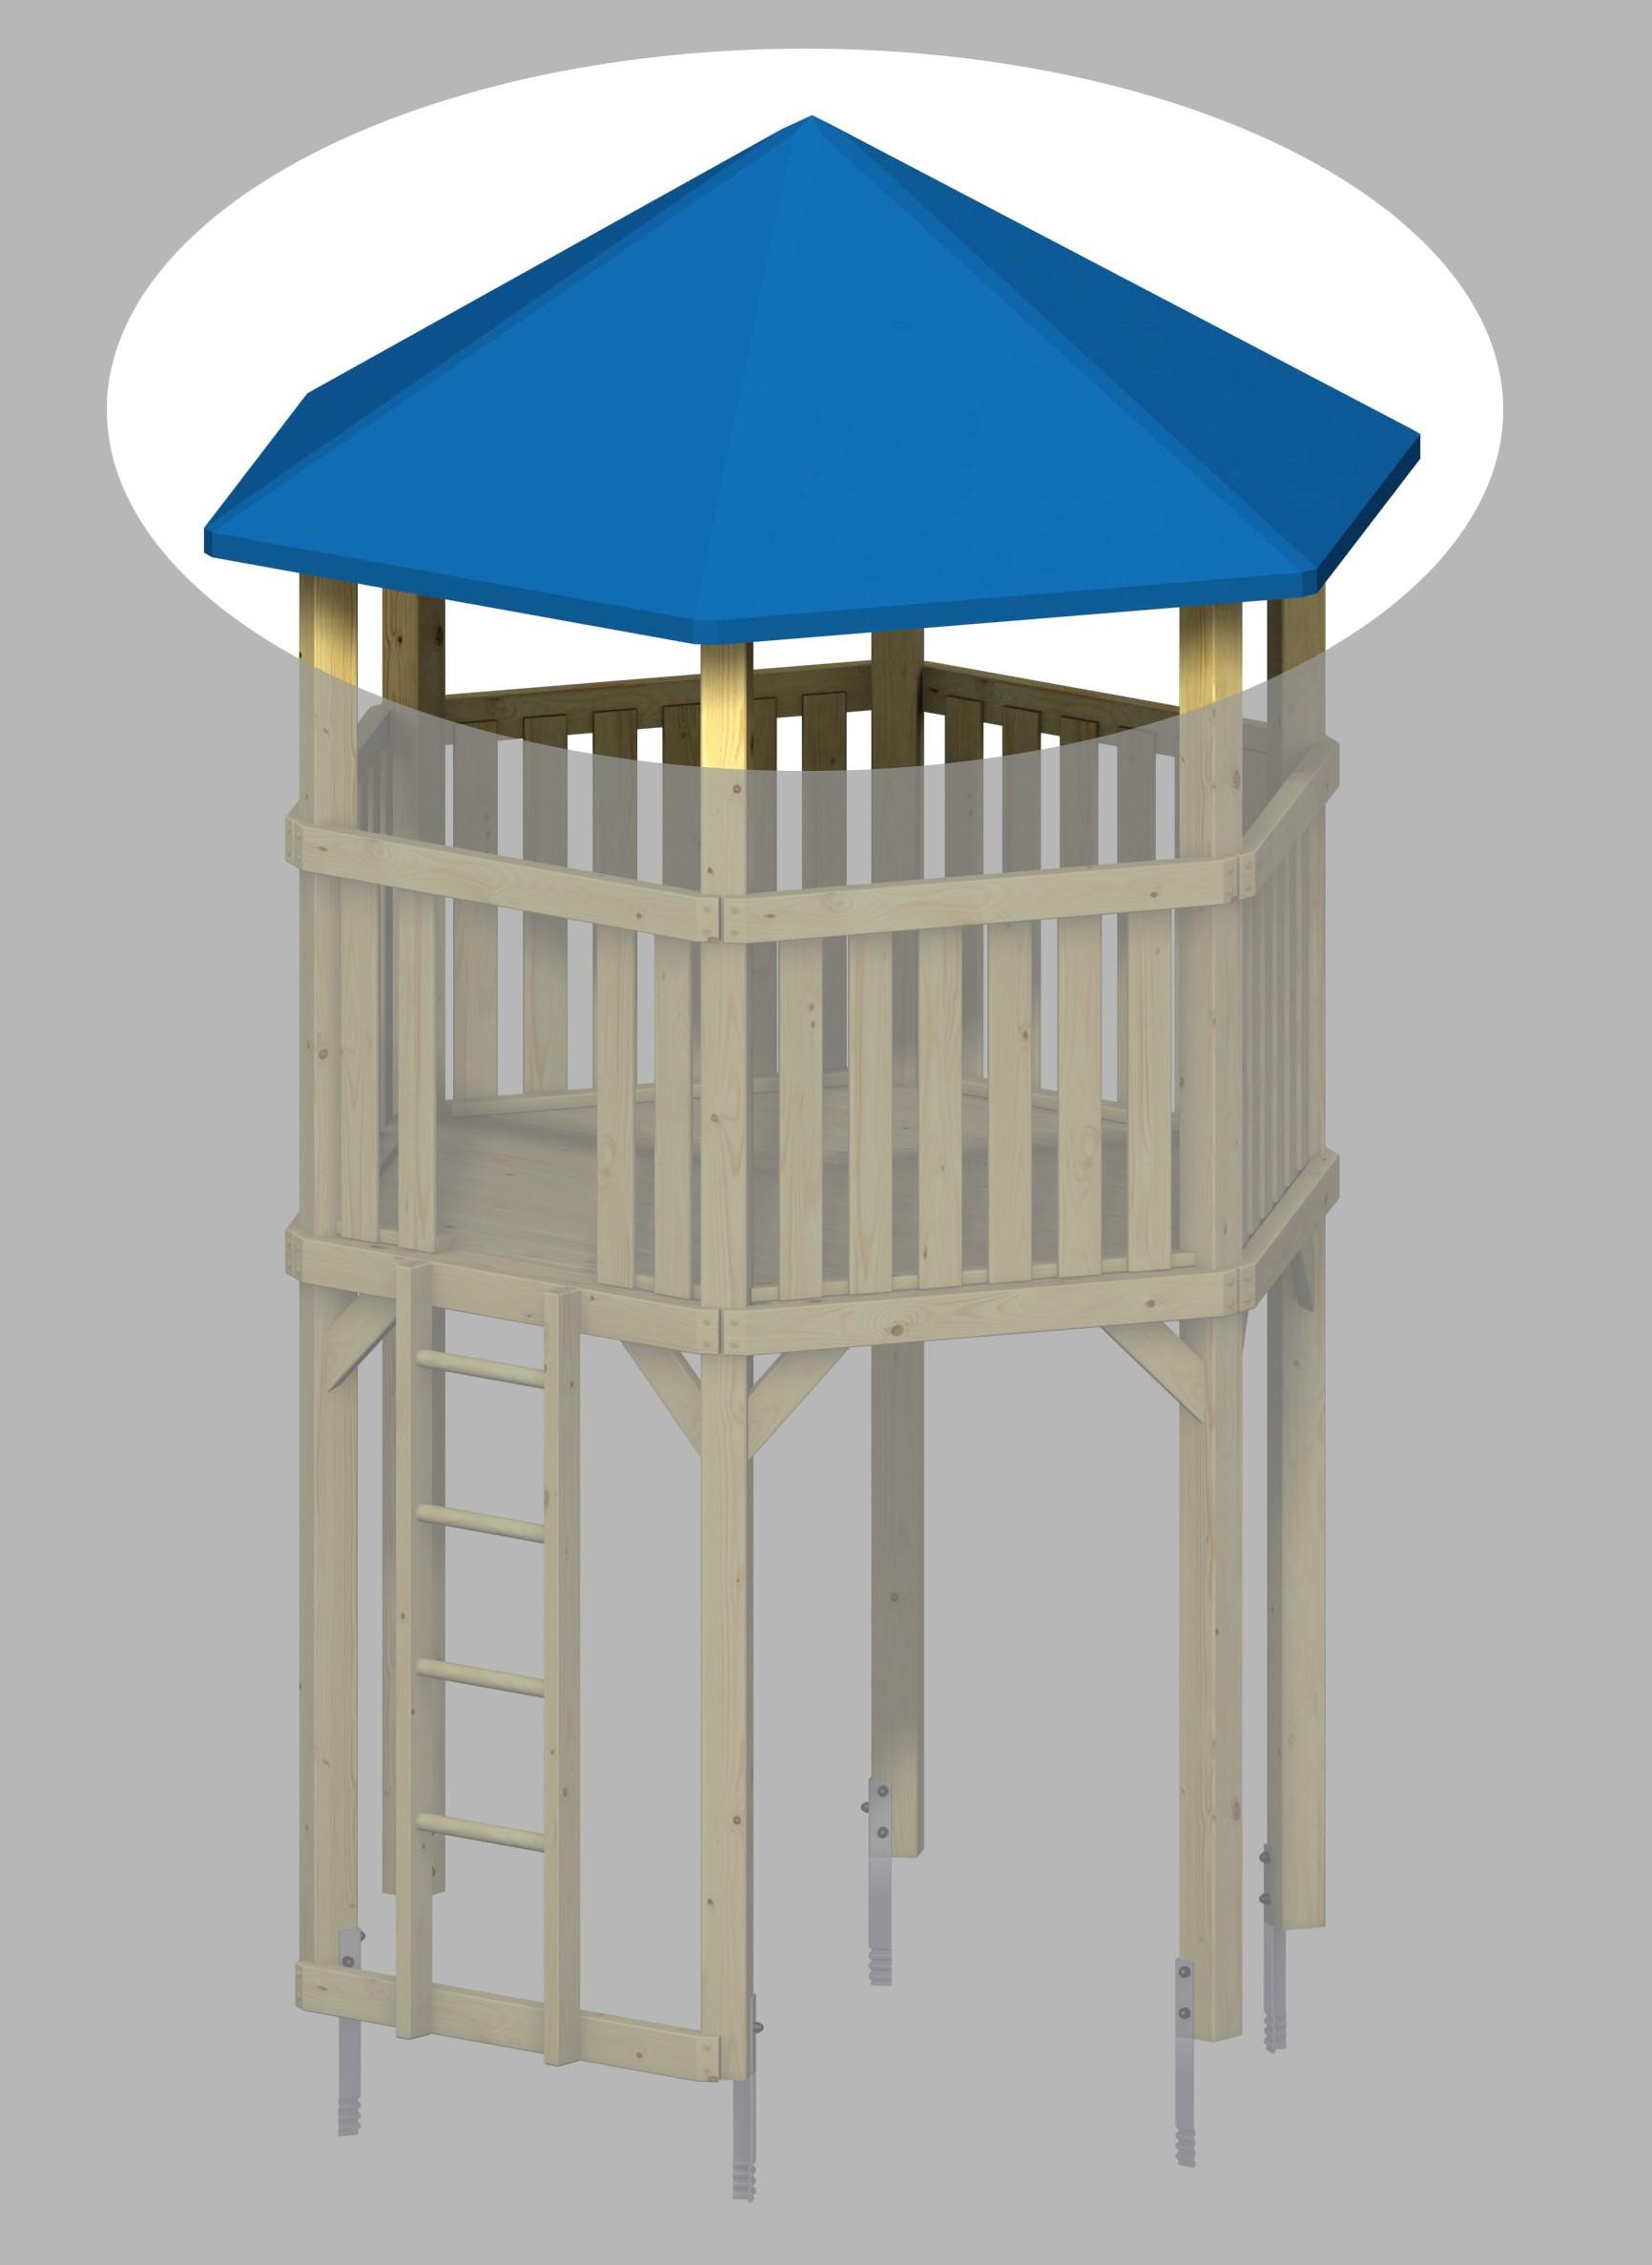 WINNETOO Dach für 6-Eck Spielturm Bild 1